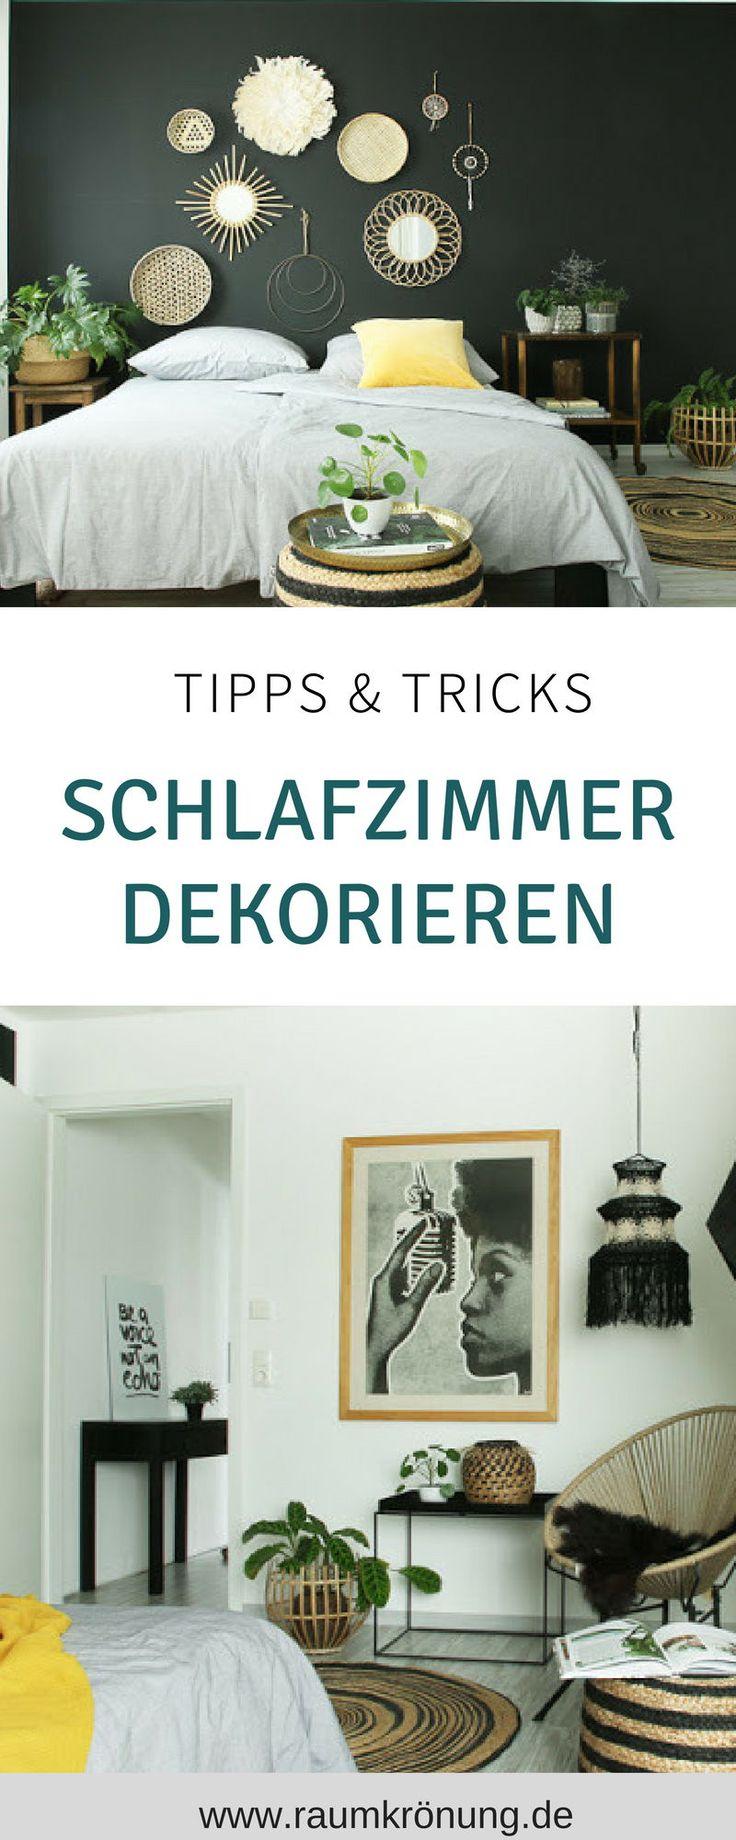 Schlafzimmer Einrichten IdeenSchlafzimmer gemütlich im skandinavischen Stil einrichten. Viele Ideen und Shoppingtipps für euch auf dem Blog!schlafzi…